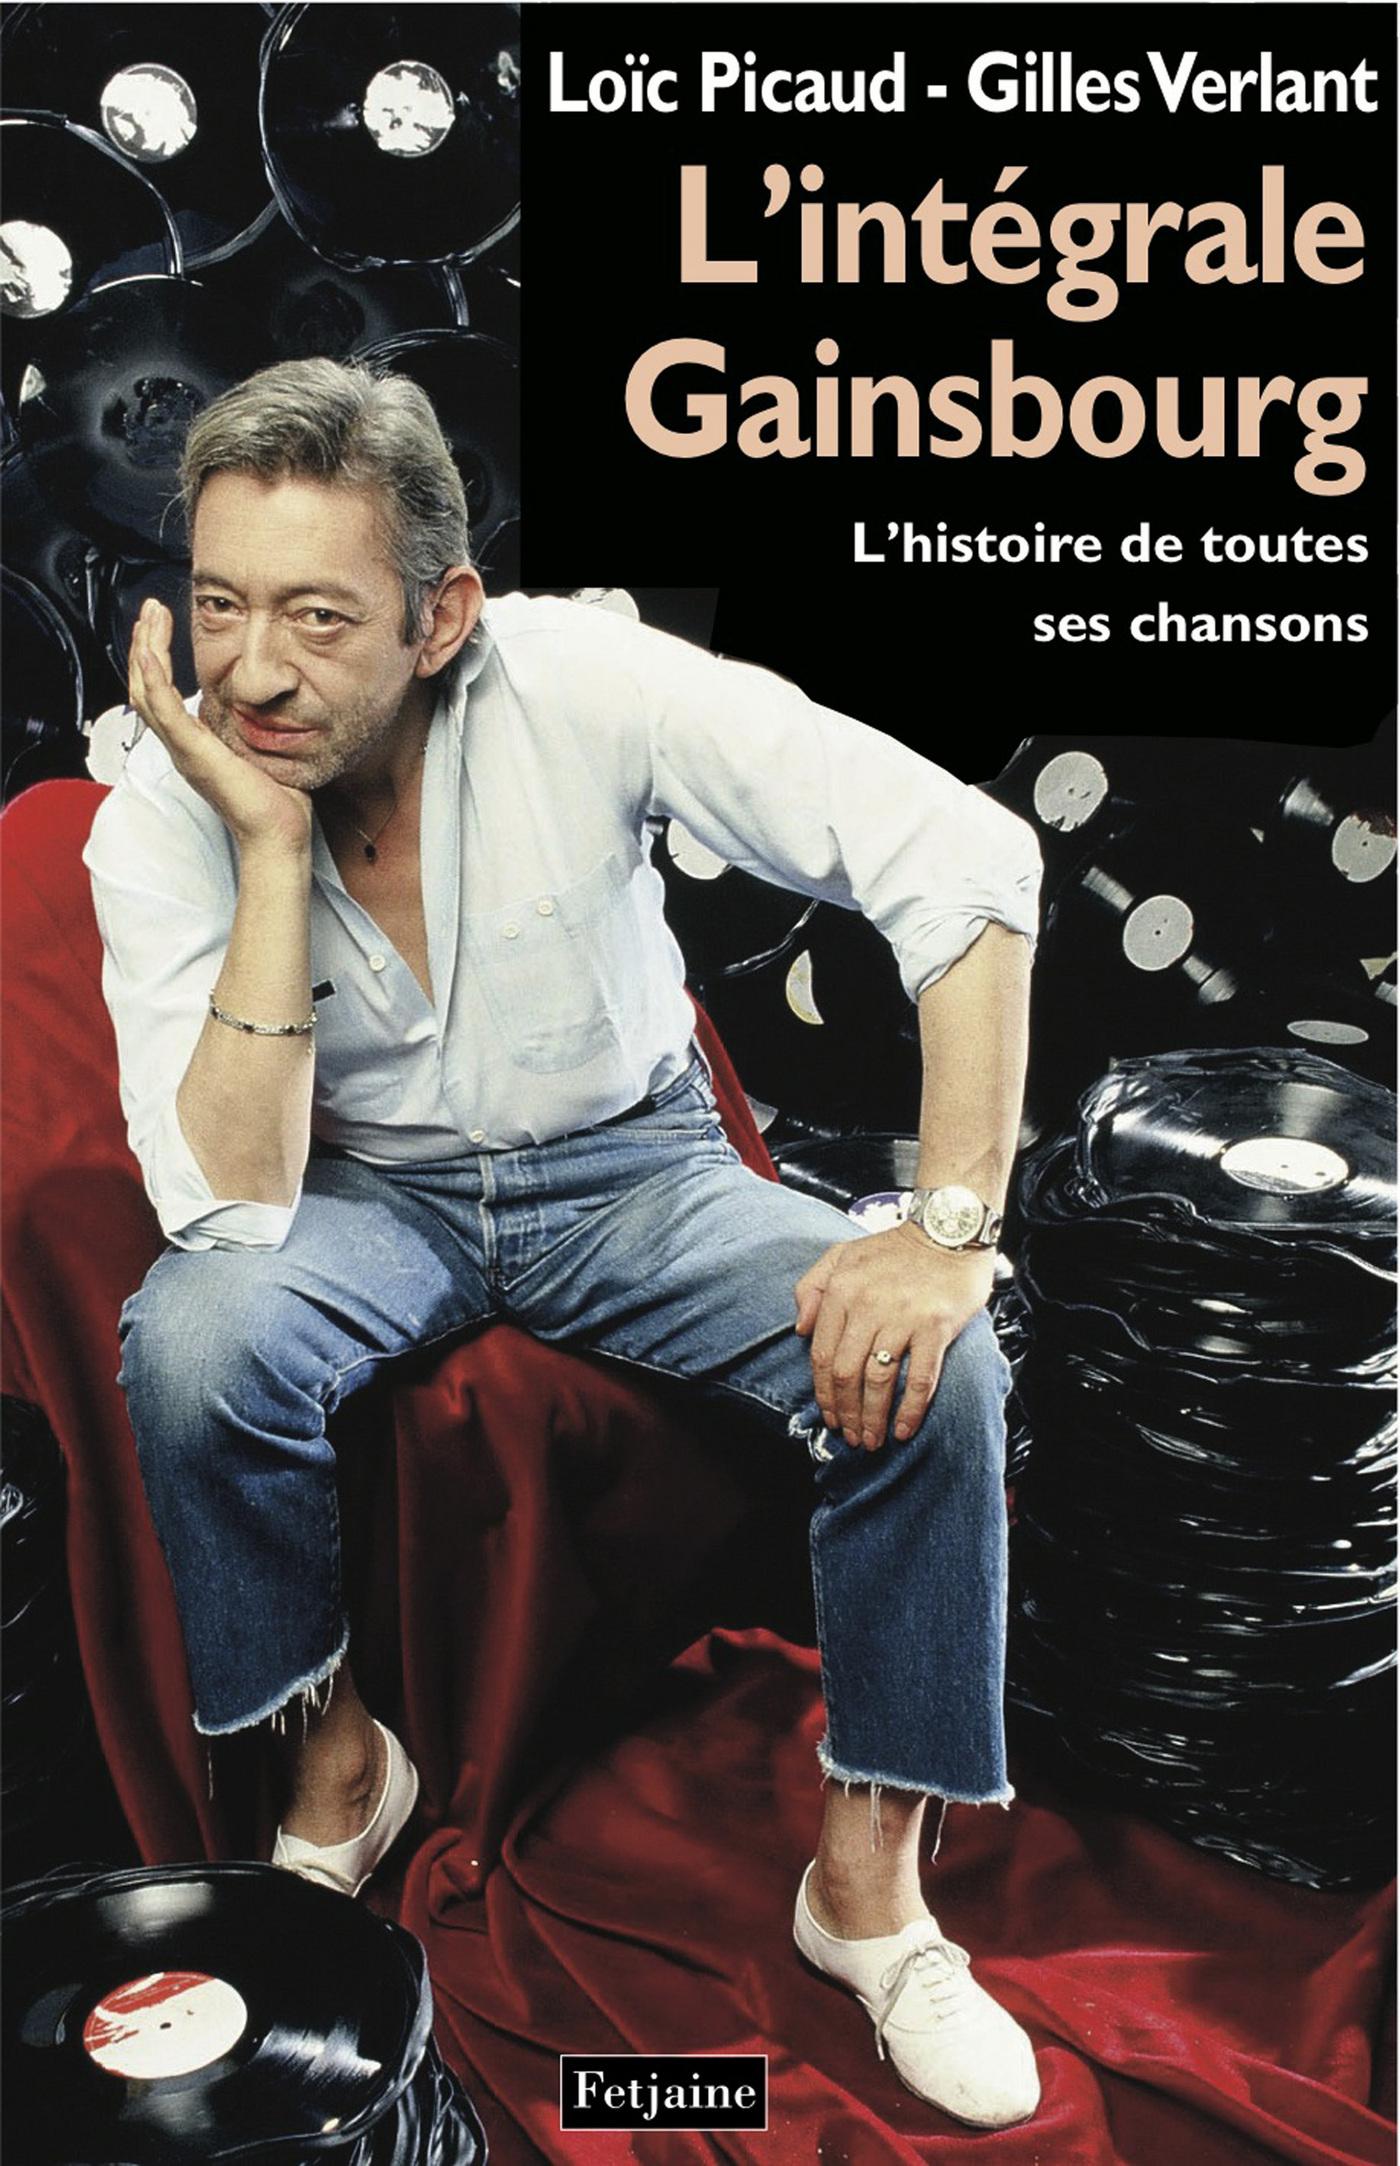 L'Intégrale Gainsbourg. L'histoire de toutes ses chansons